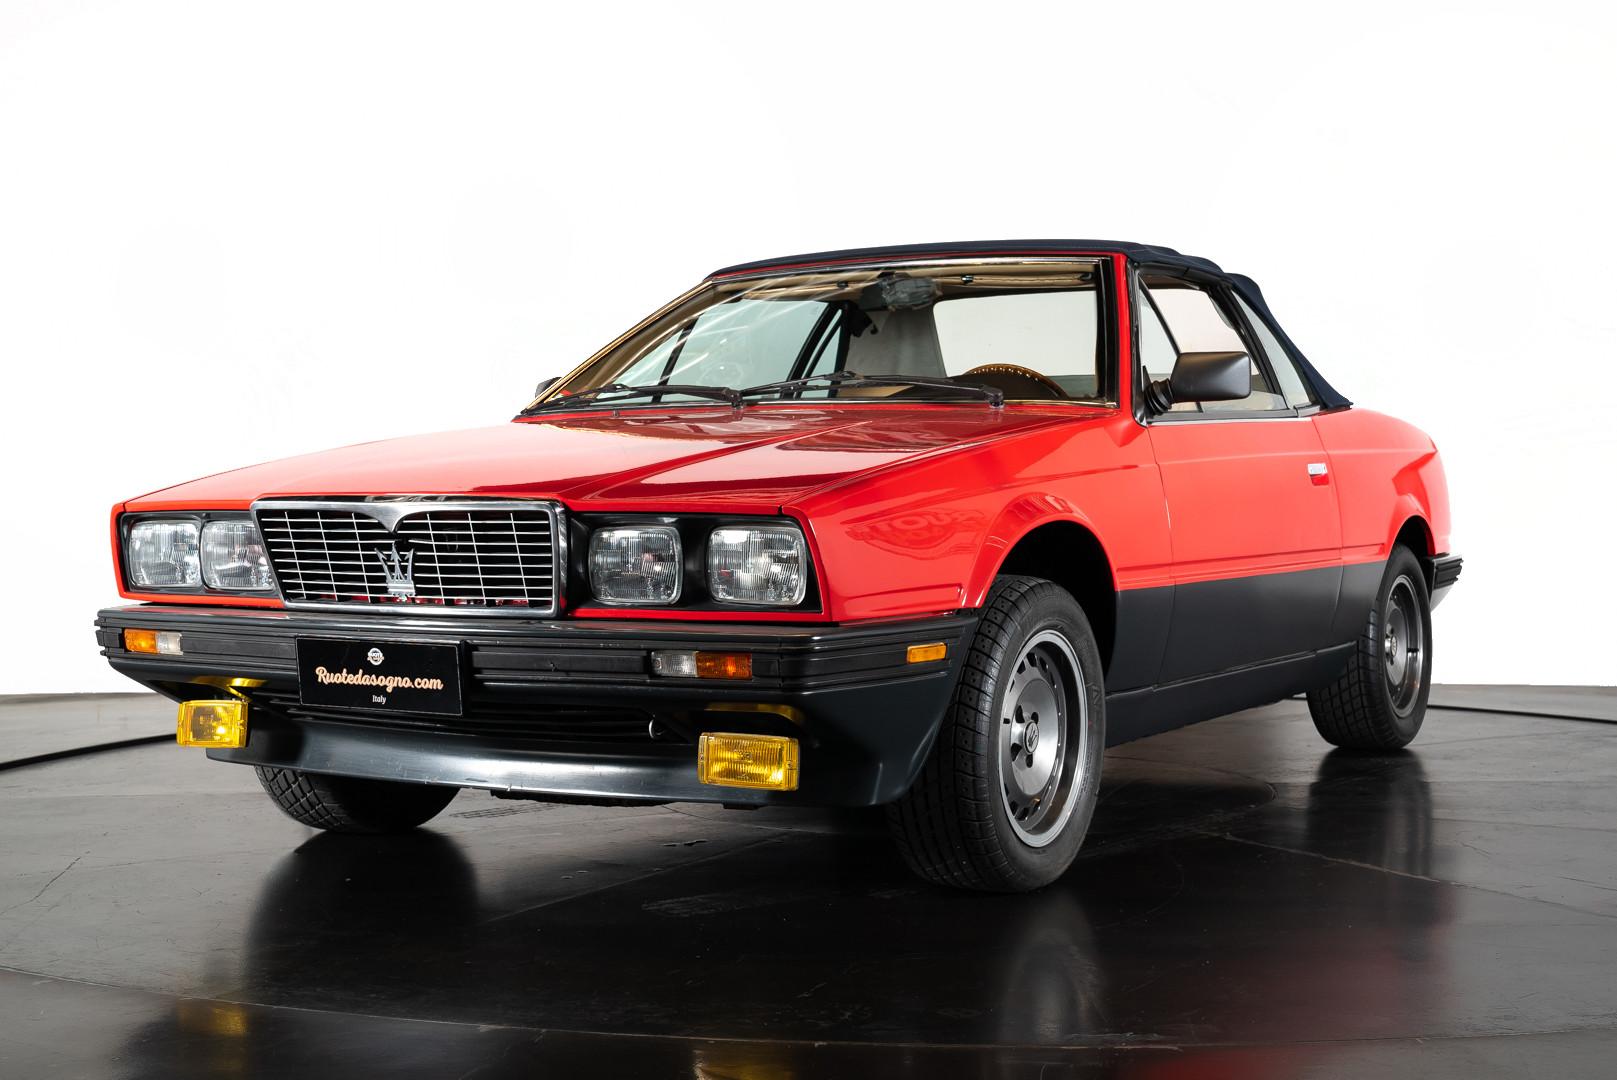 1985 Maserati Biturbo Spyder - Auto d'epoca - Ruote da Sogno